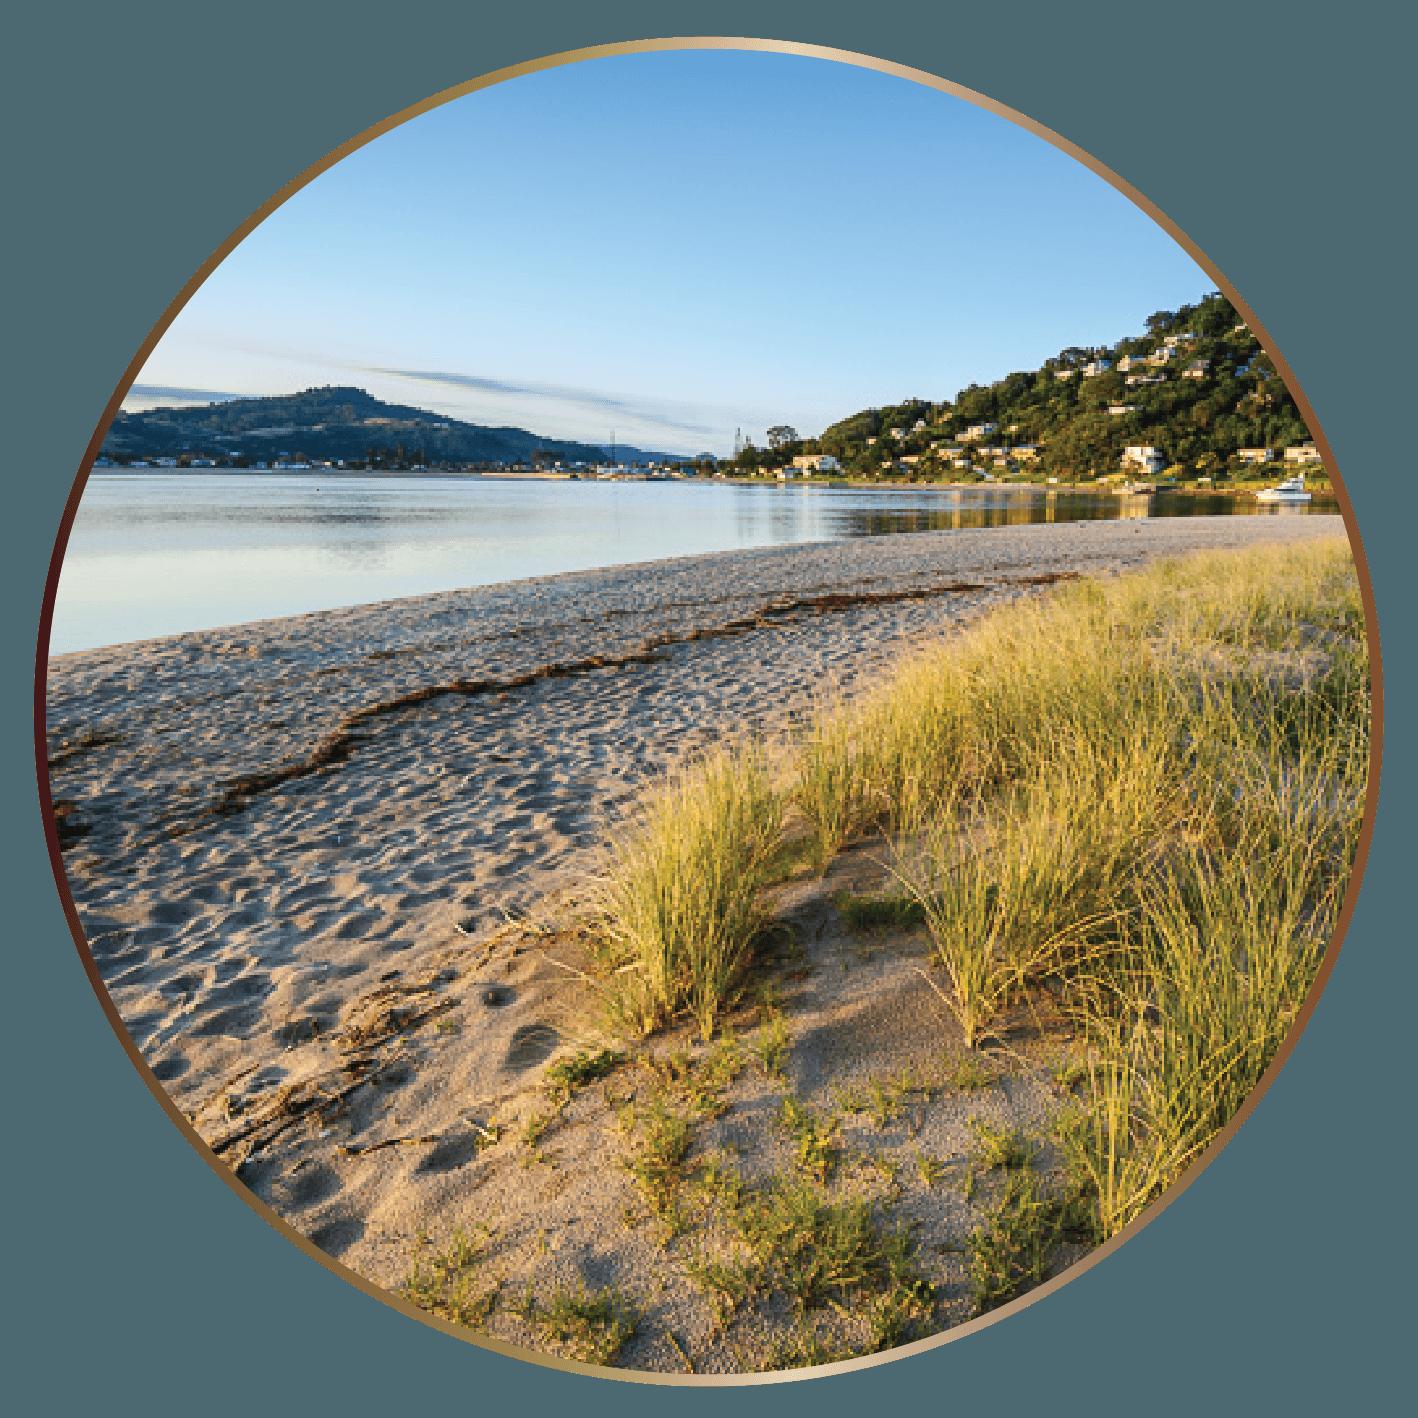 TIC Walking & Hiking Tairua (A).png